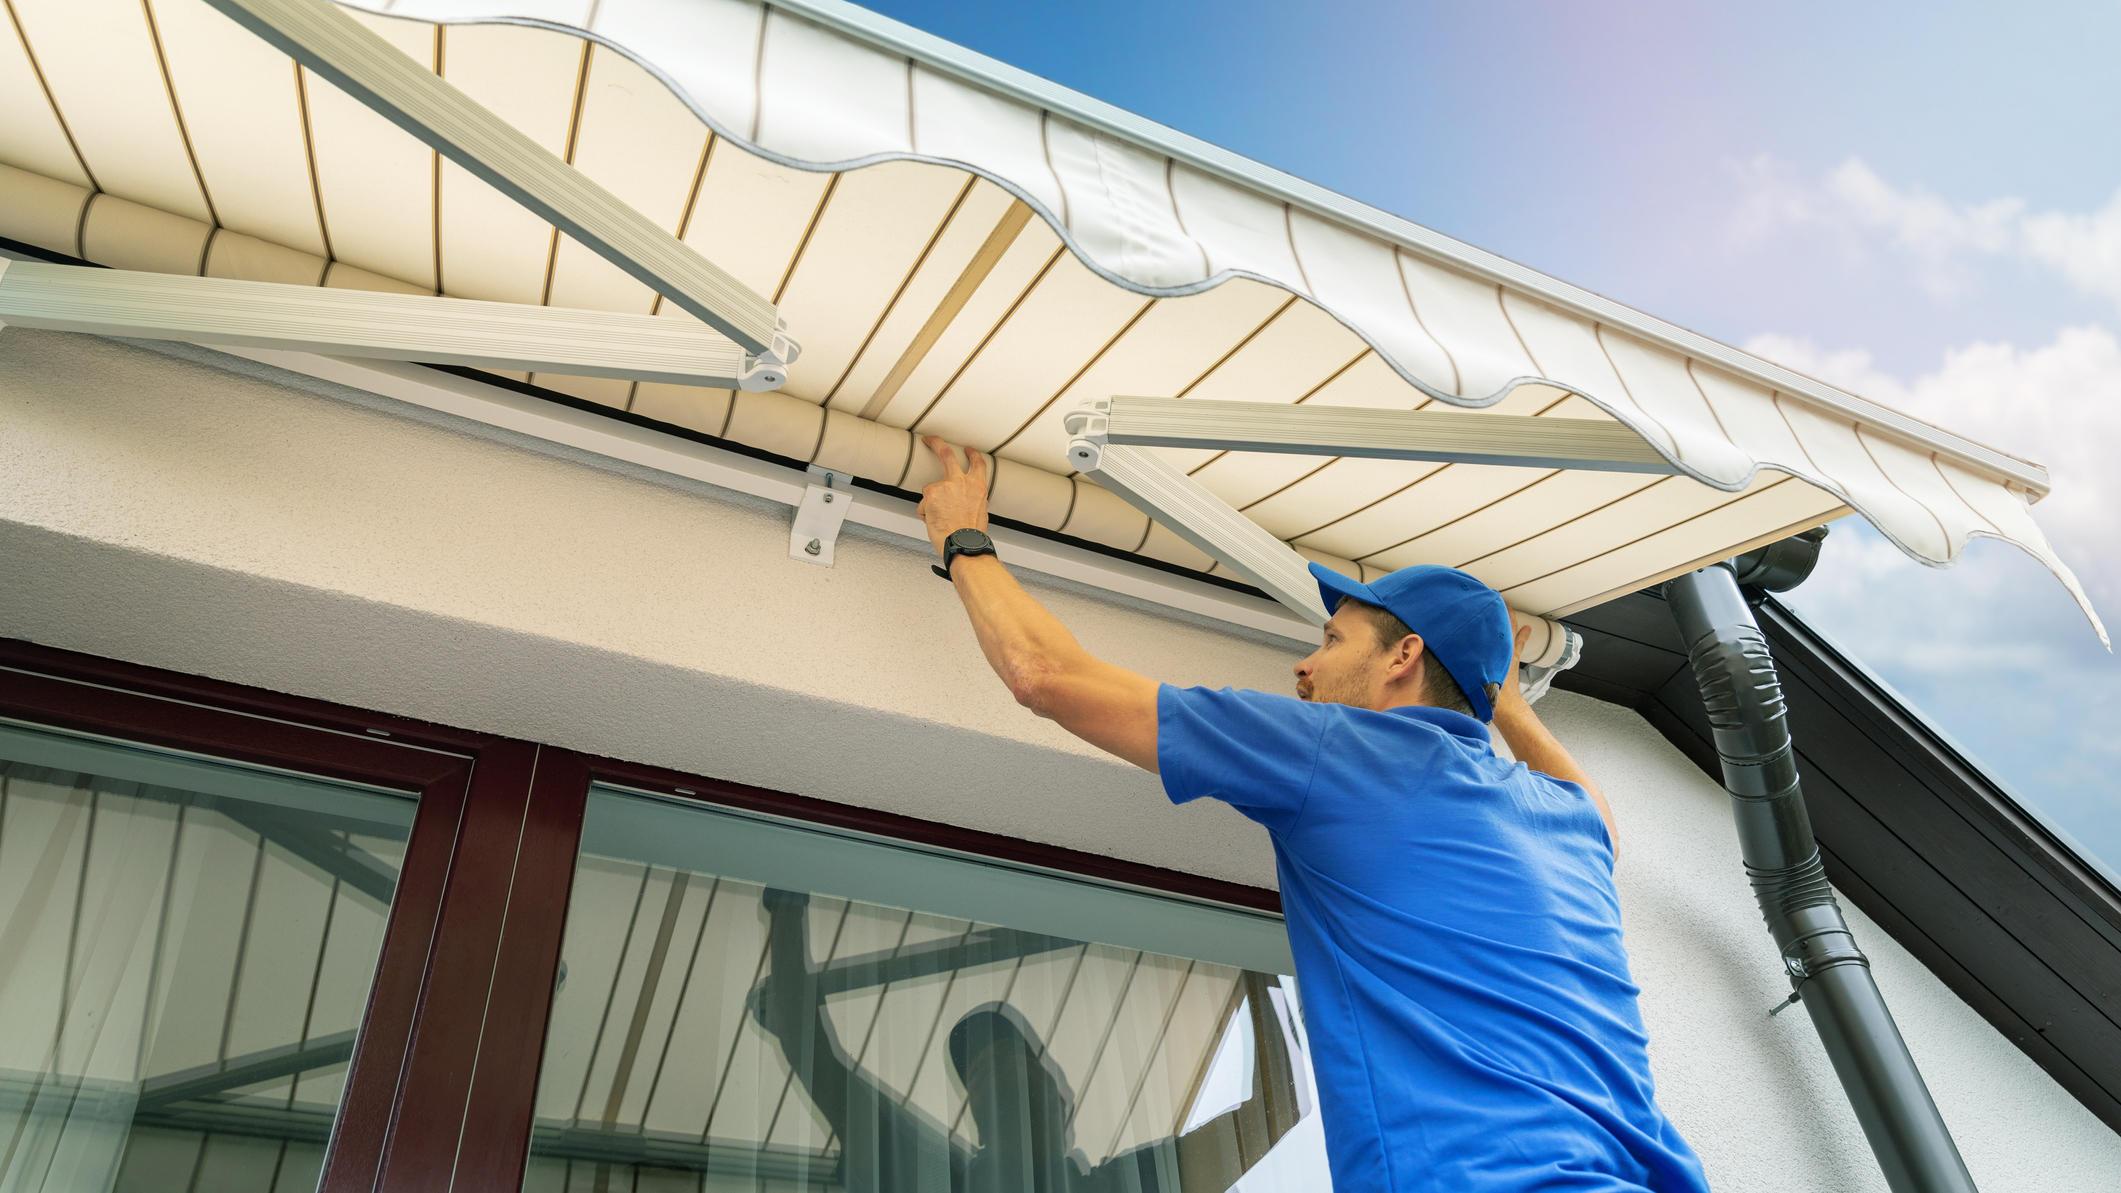 Favorit Sonnenschutz für Ihren Balkon - wetter.de XS09